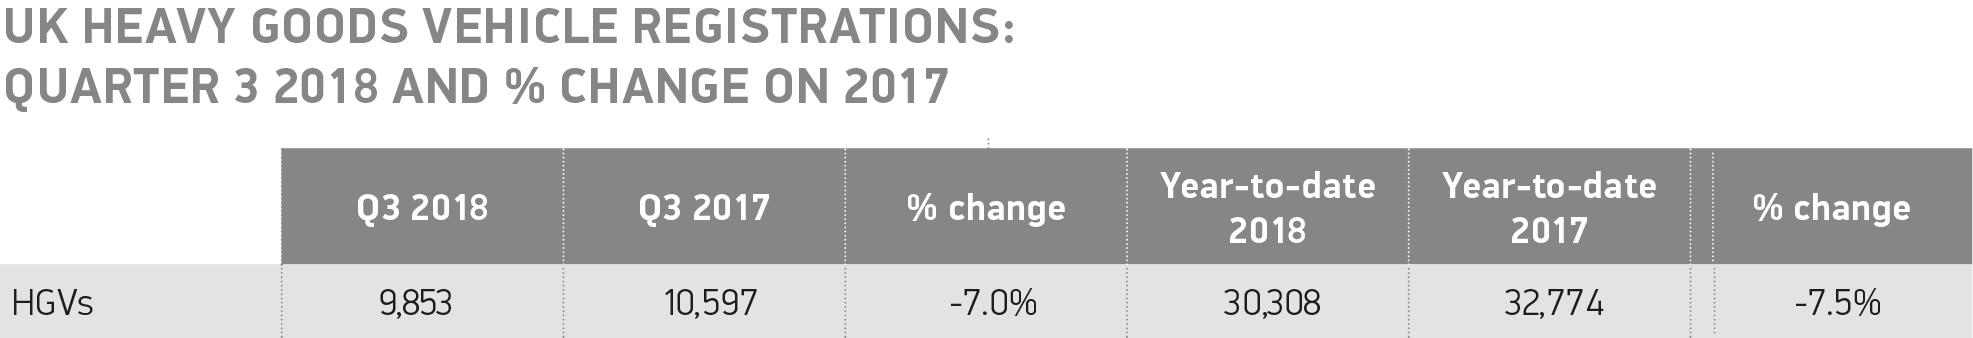 2018 UK HGV registrations Q3 2018 and % change